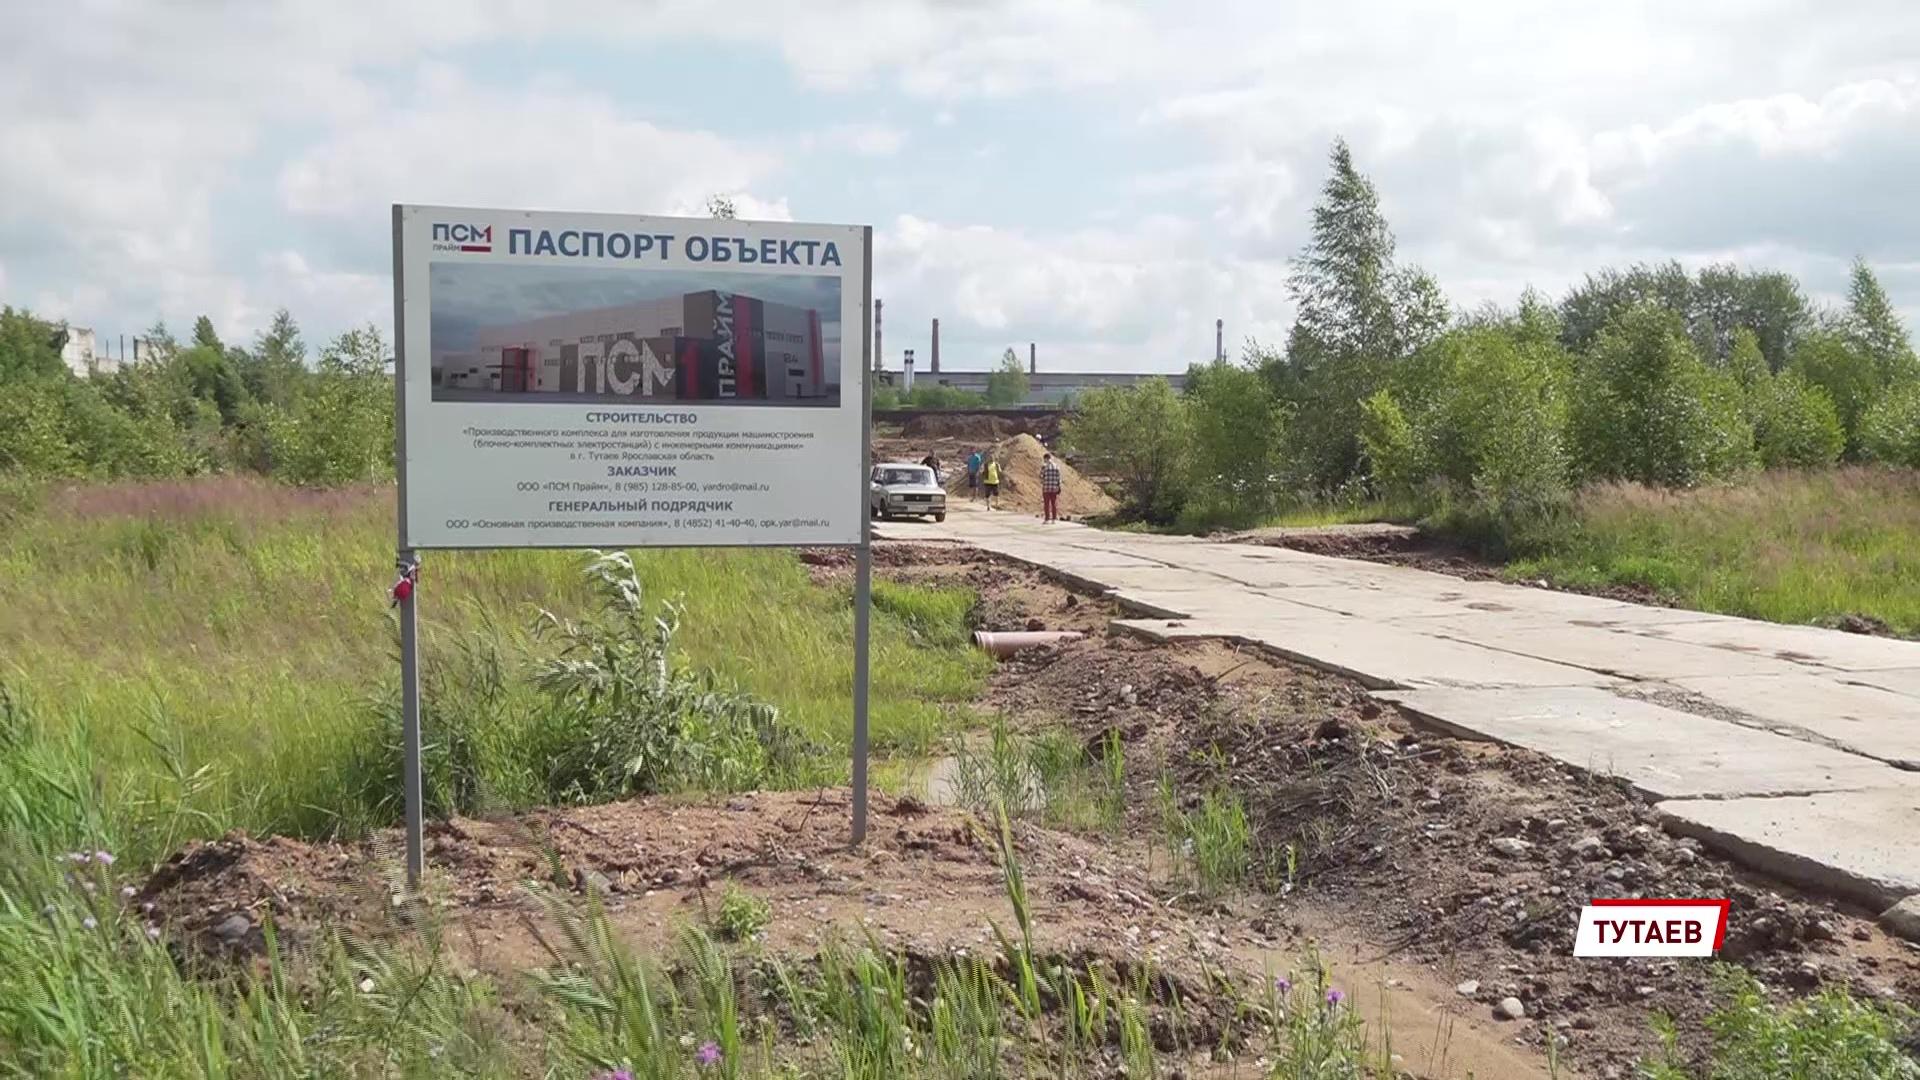 В Тутаеве строят завод по производству автономных электростанций